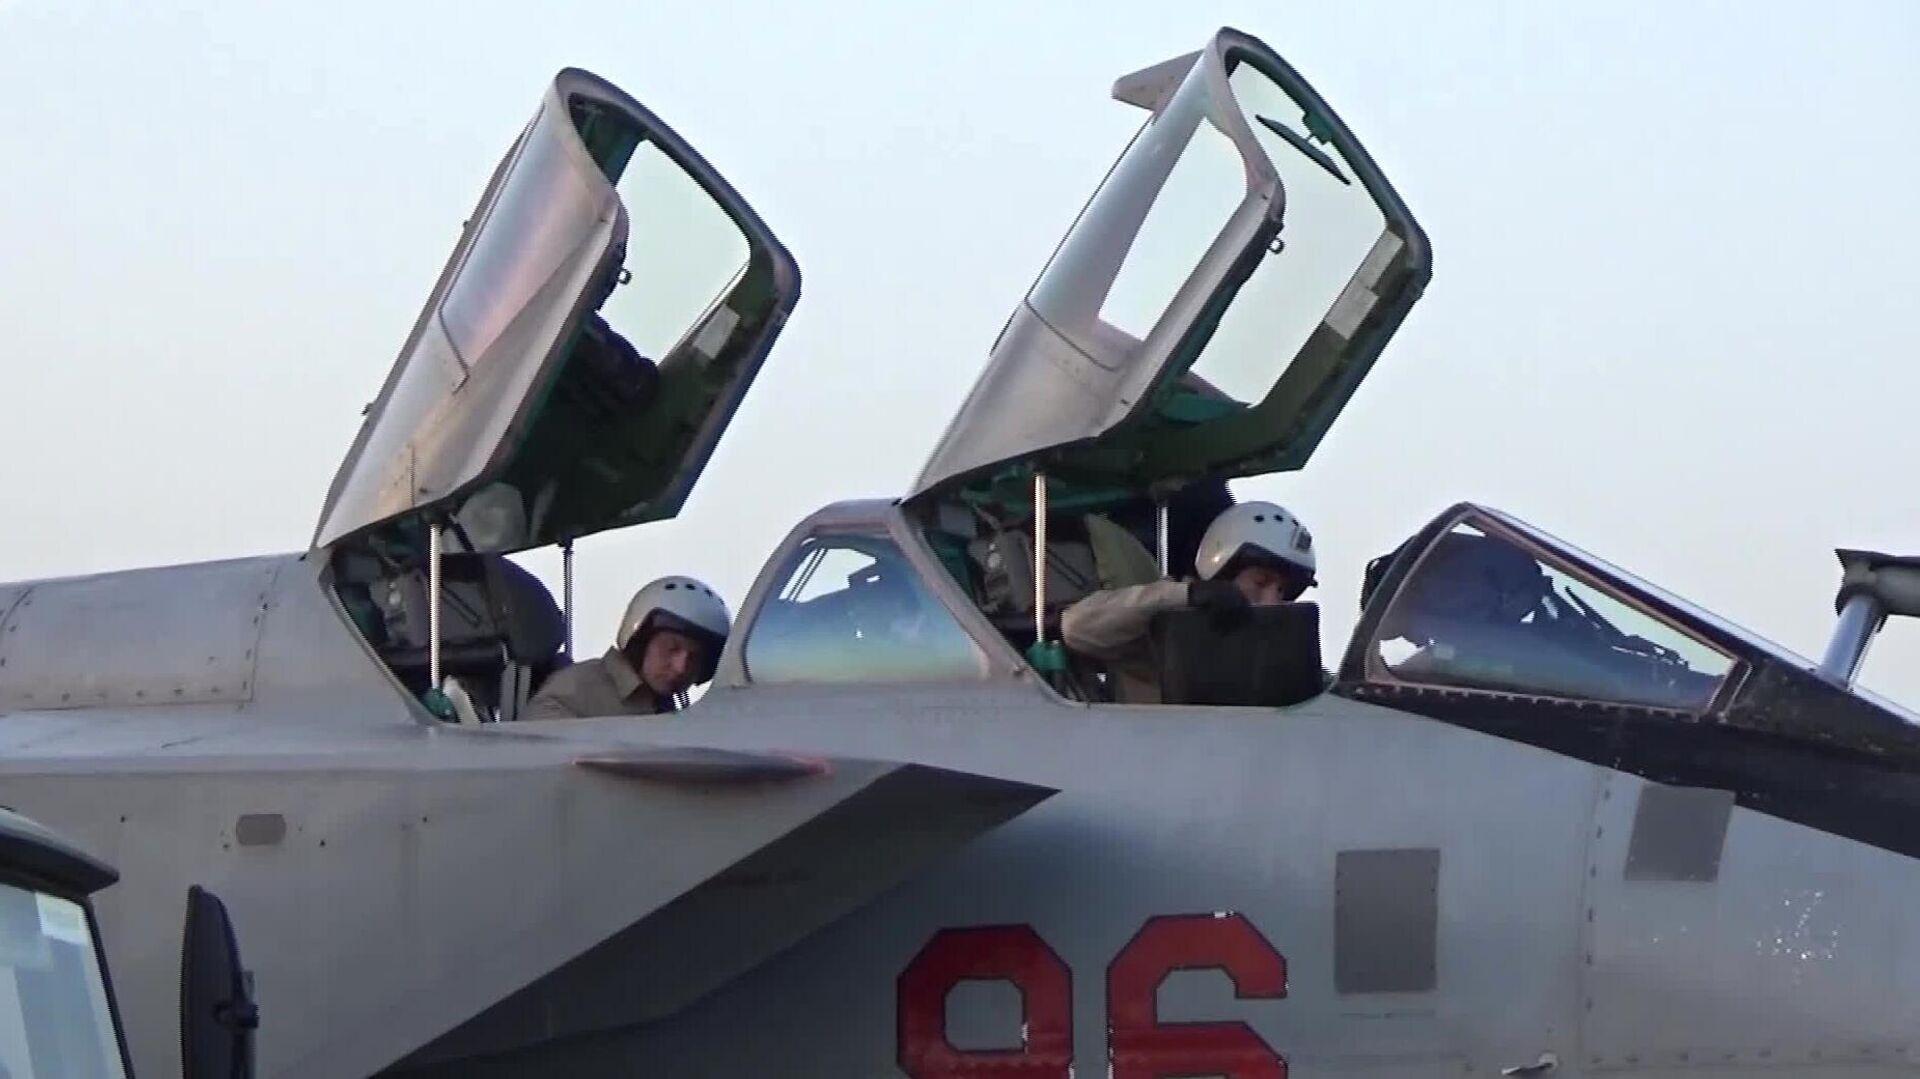 Лётчики истребителя-перехватчика МиГ-31К с гиперзвуковыми ракетами Кинжал перед вылетом в Сирию - РИА Новости, 1920, 28.06.2021